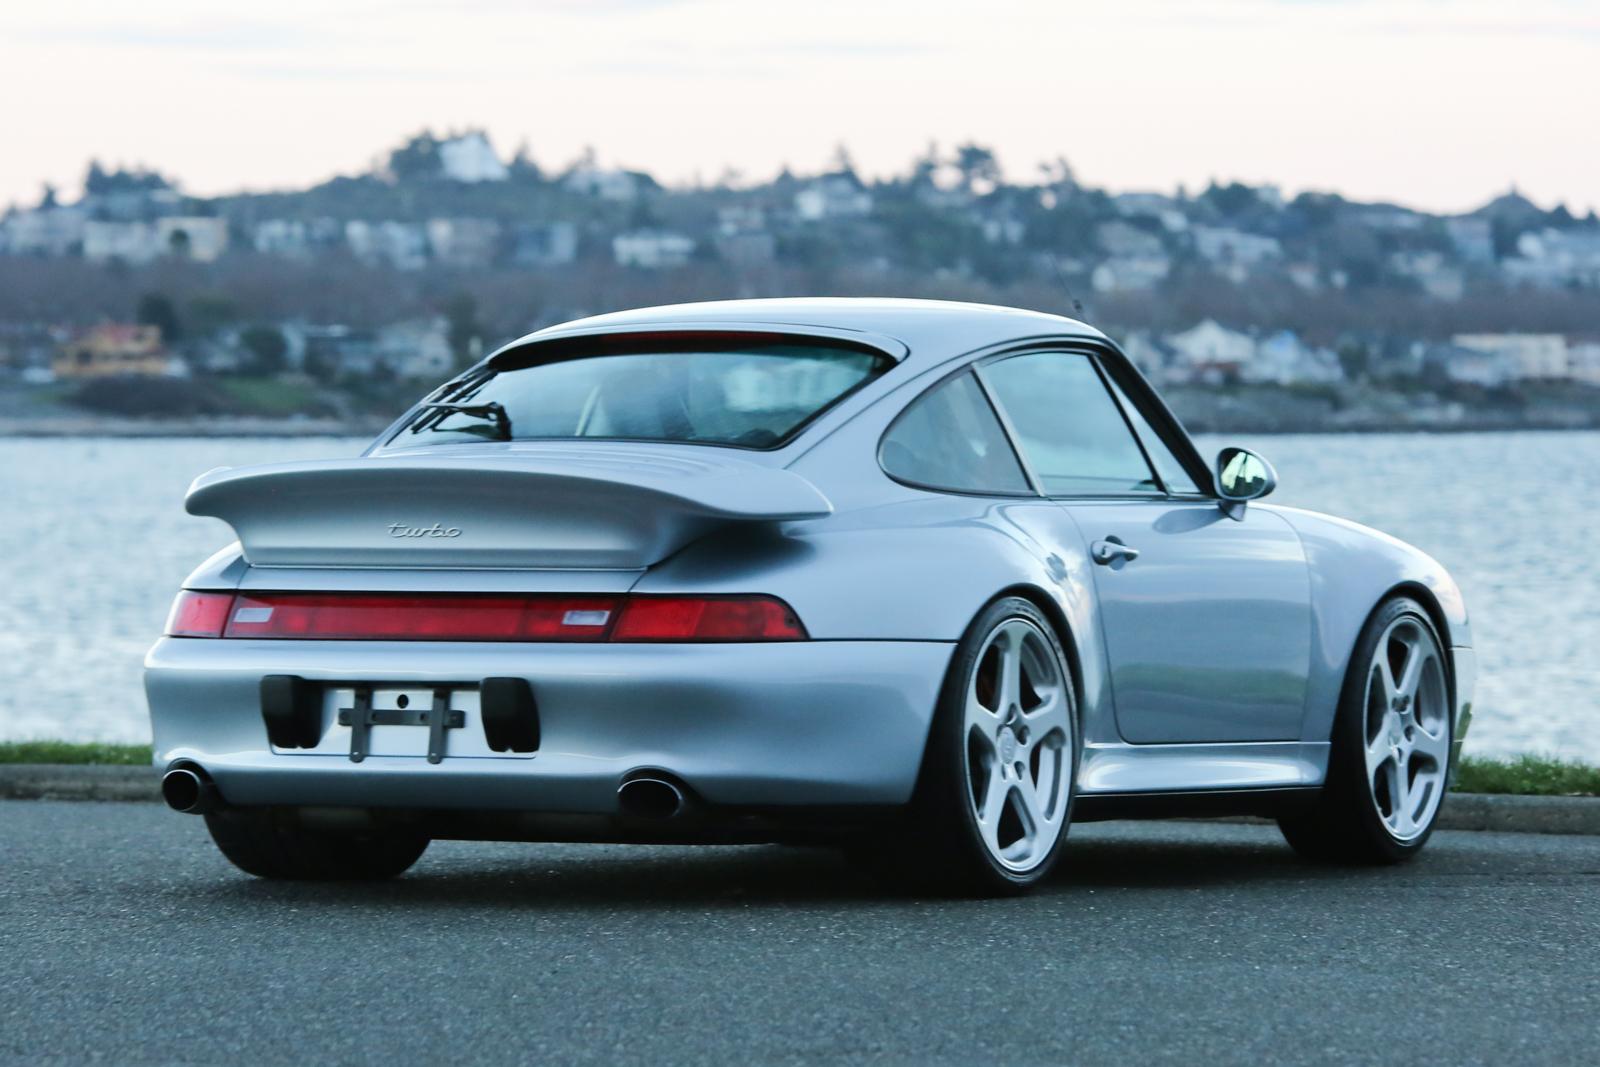 Porsches For Sale >> 1996 Porsche 993 Turbo (911) For Sale | Silver Arrow Cars Ltd.